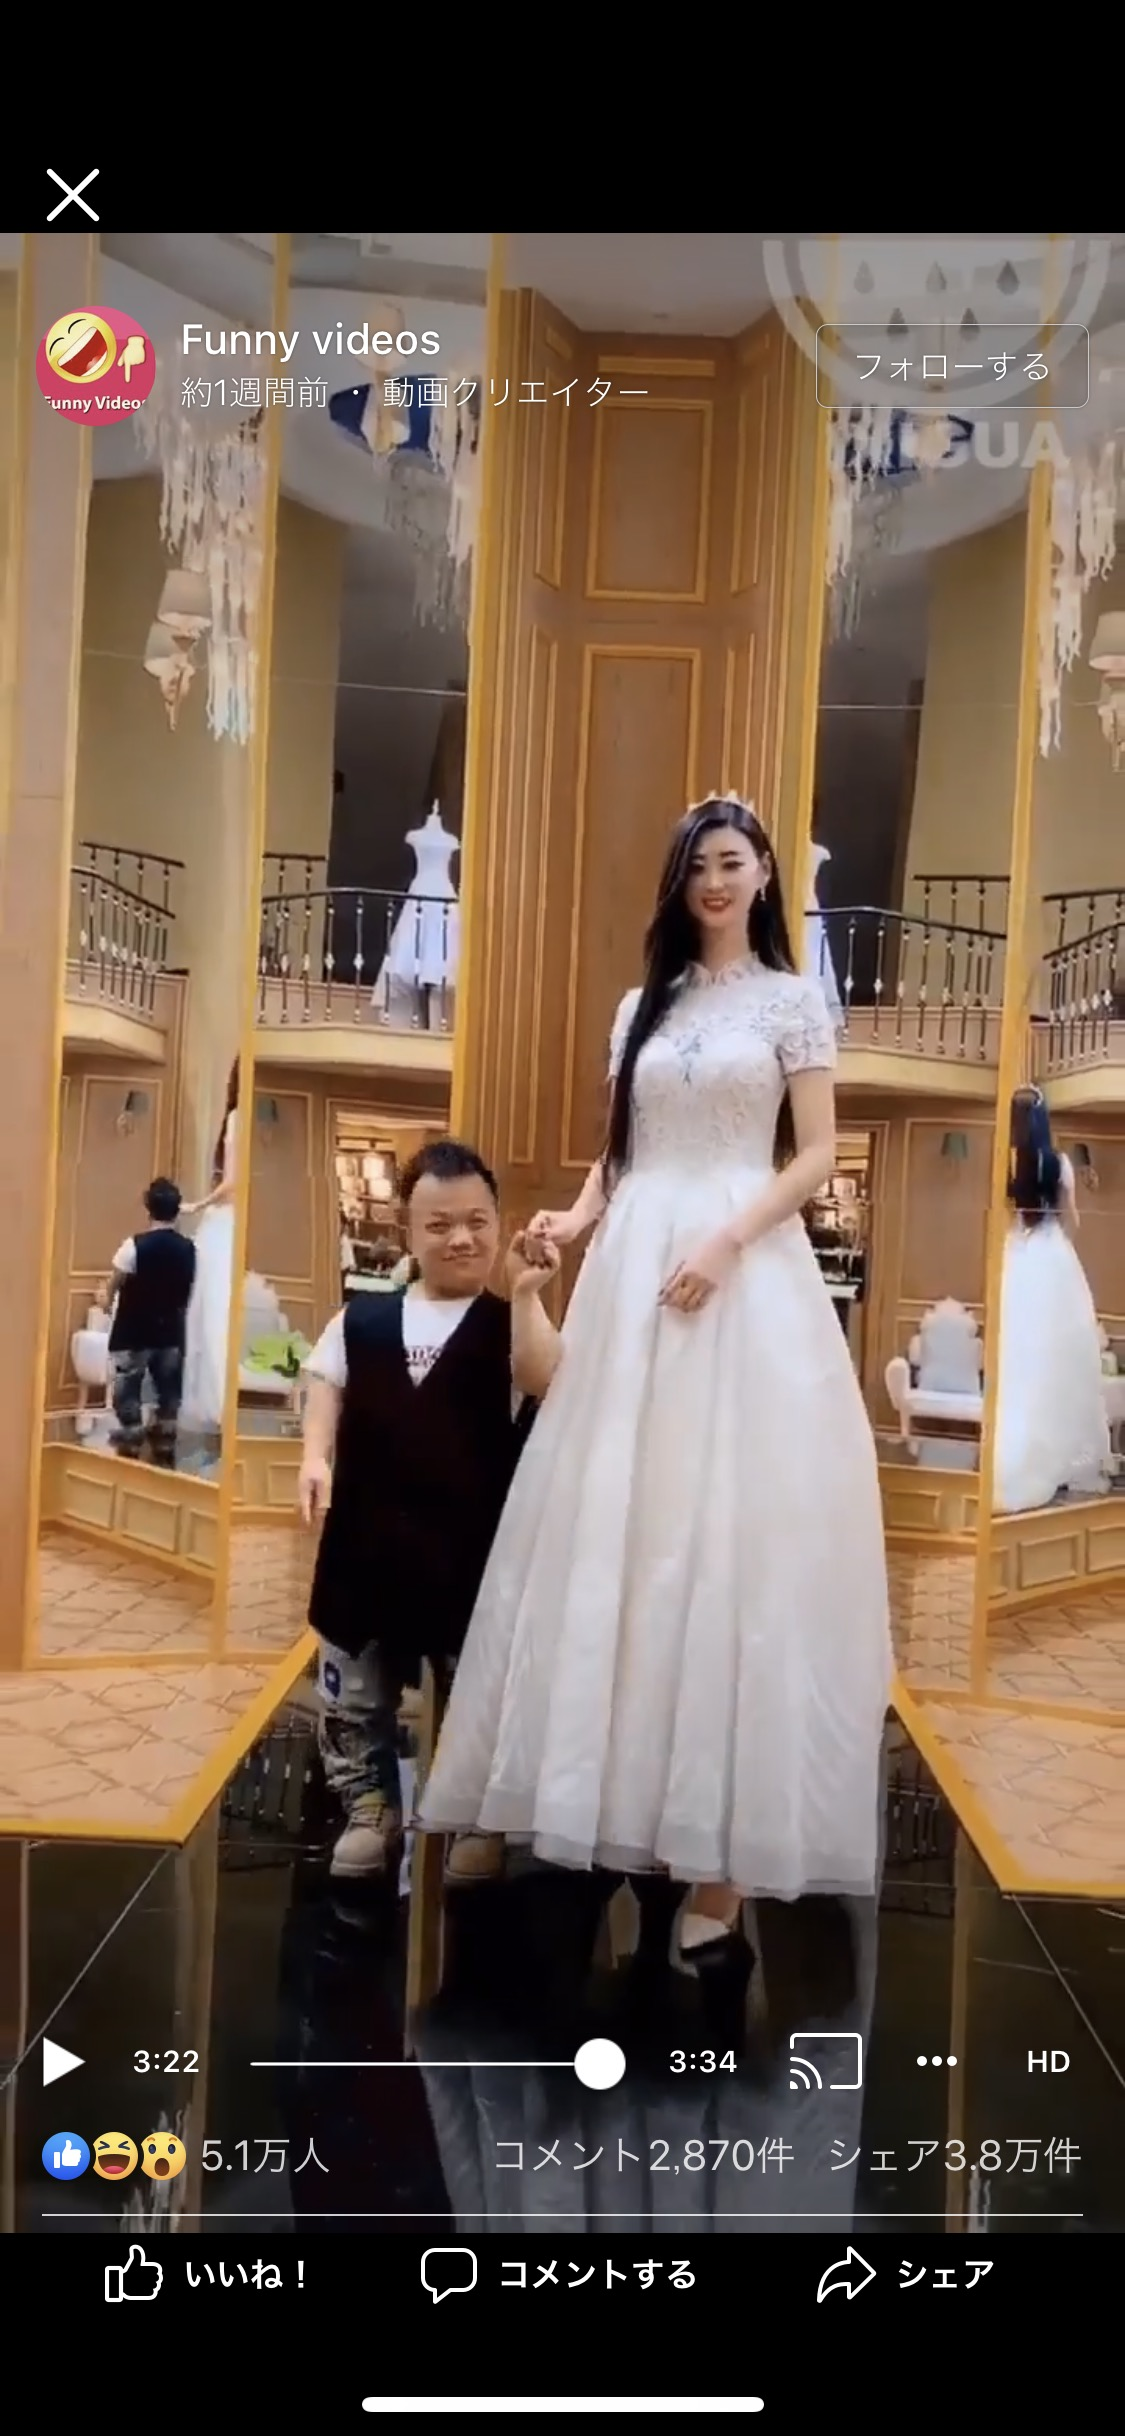 【画像】中国でガチの9頭身美女、発見されるwwww